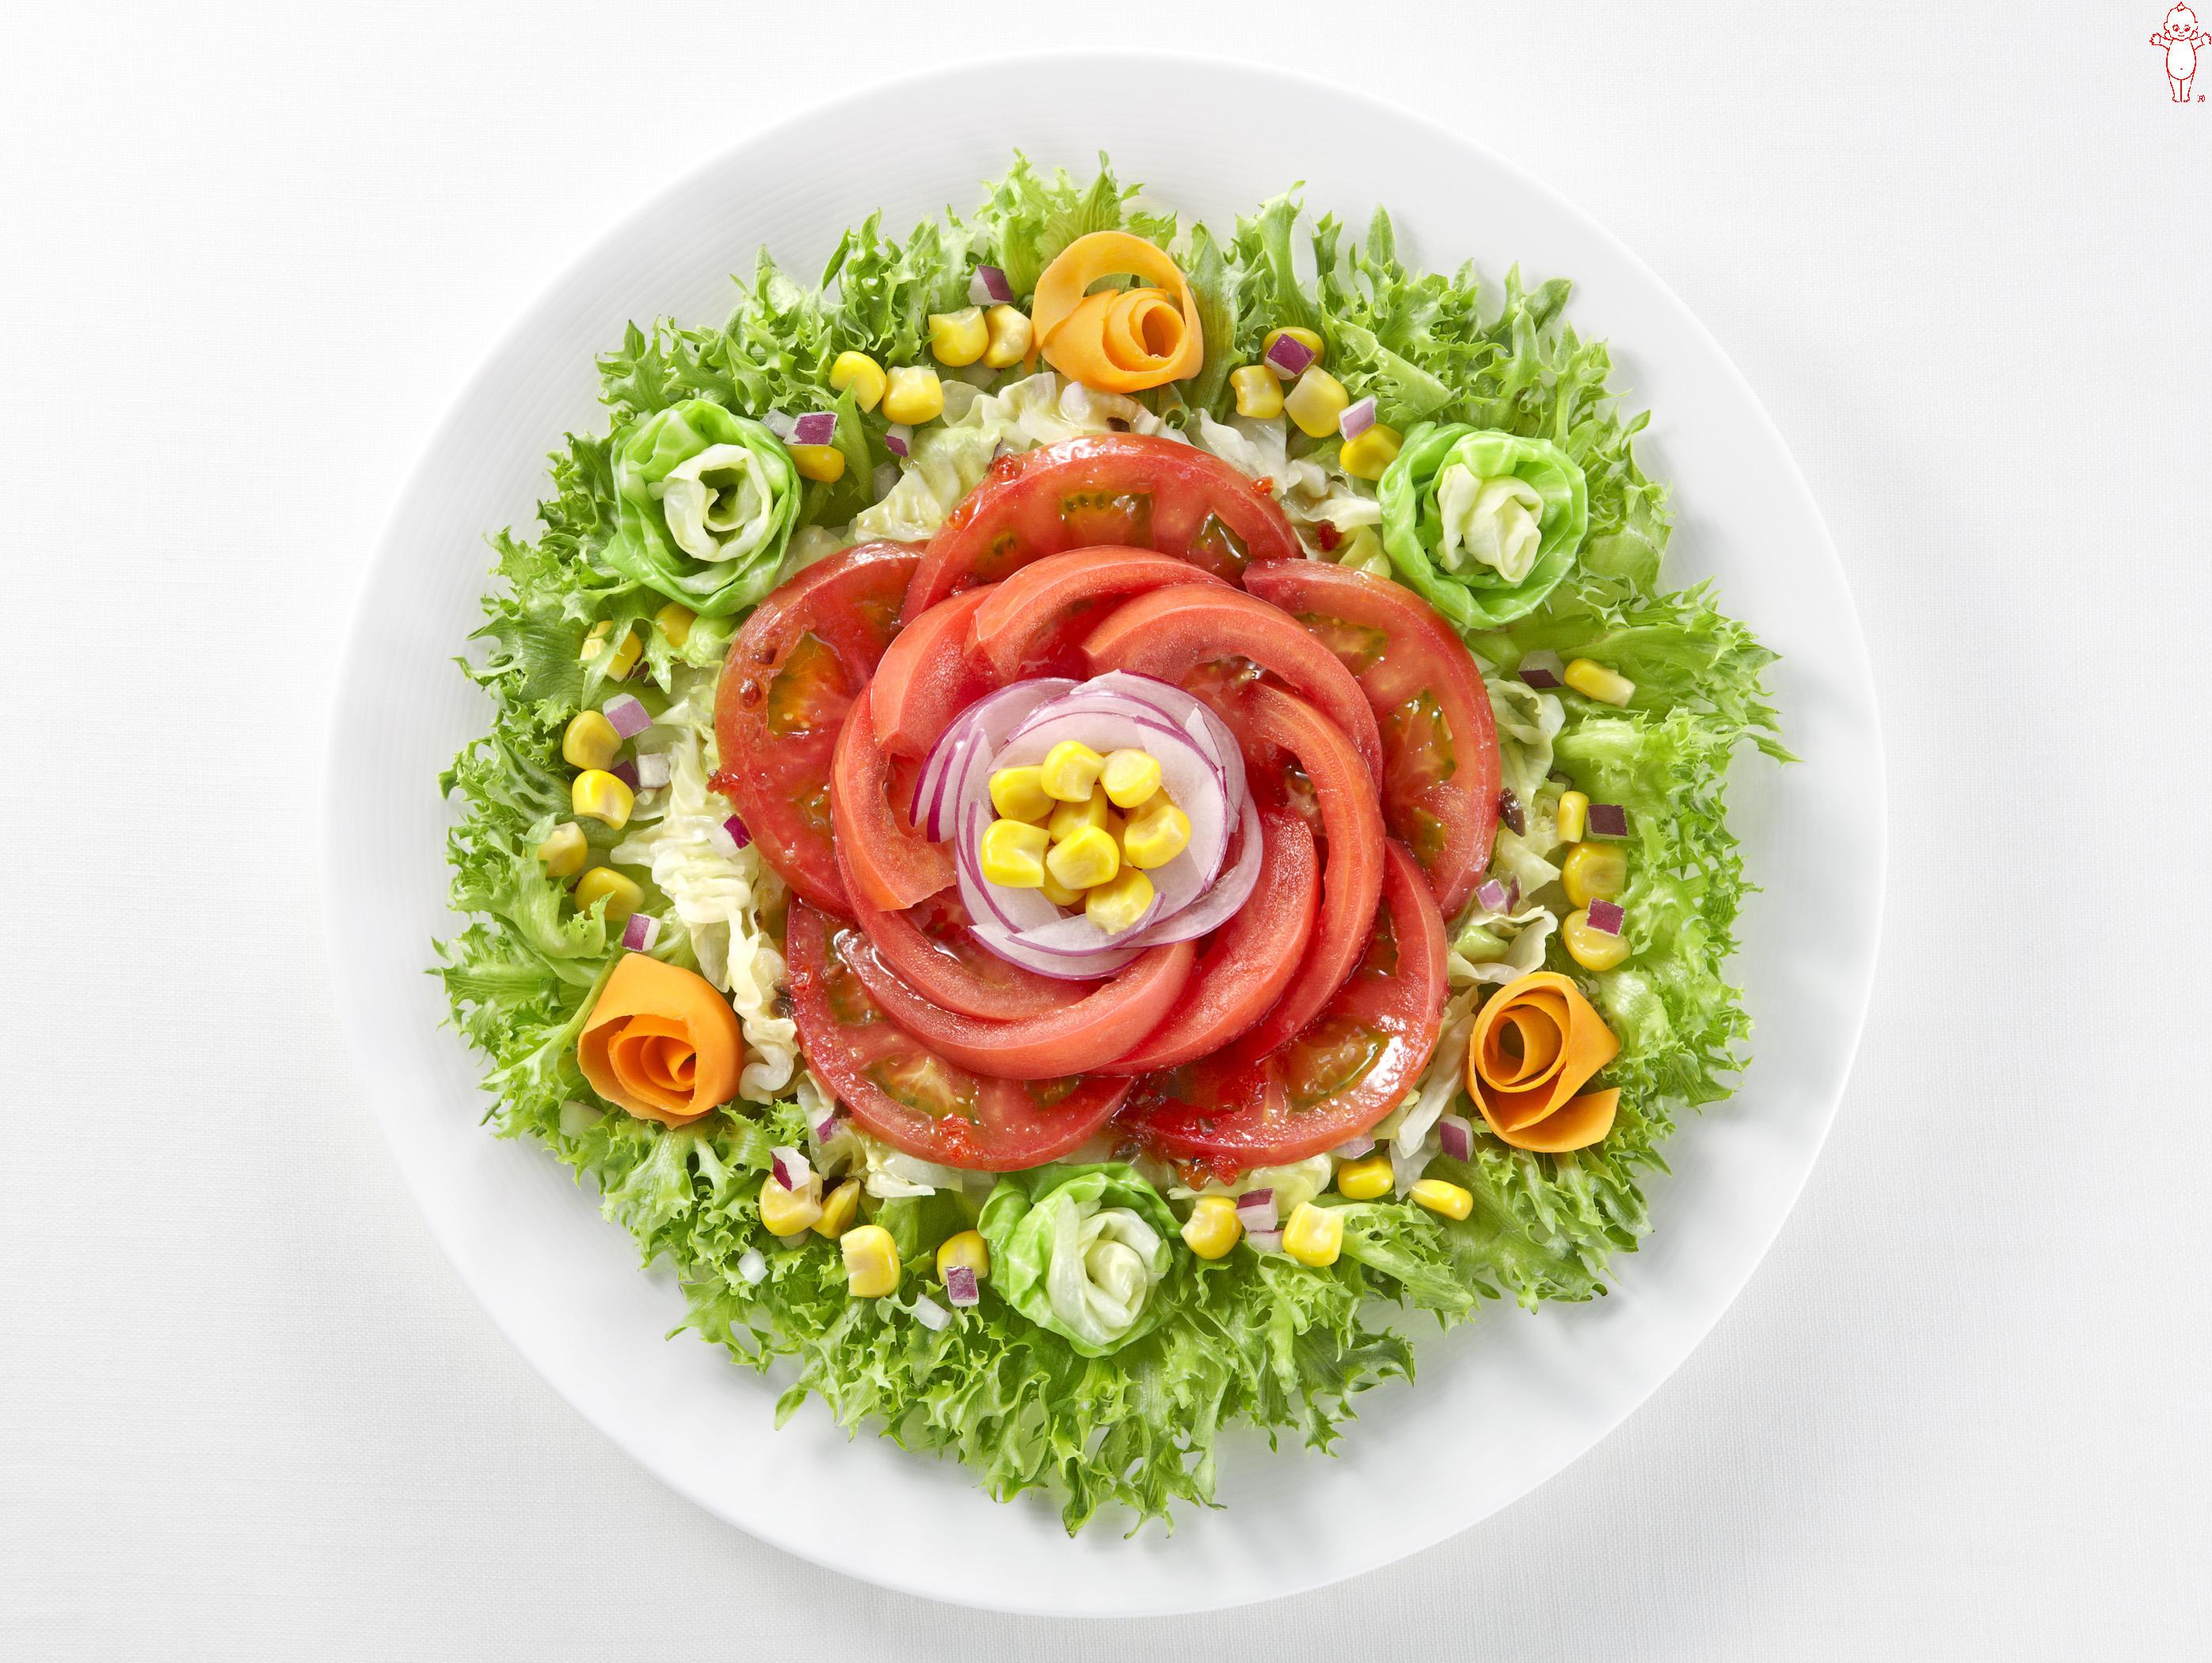 トマトとキャベツのフラワーサラダ